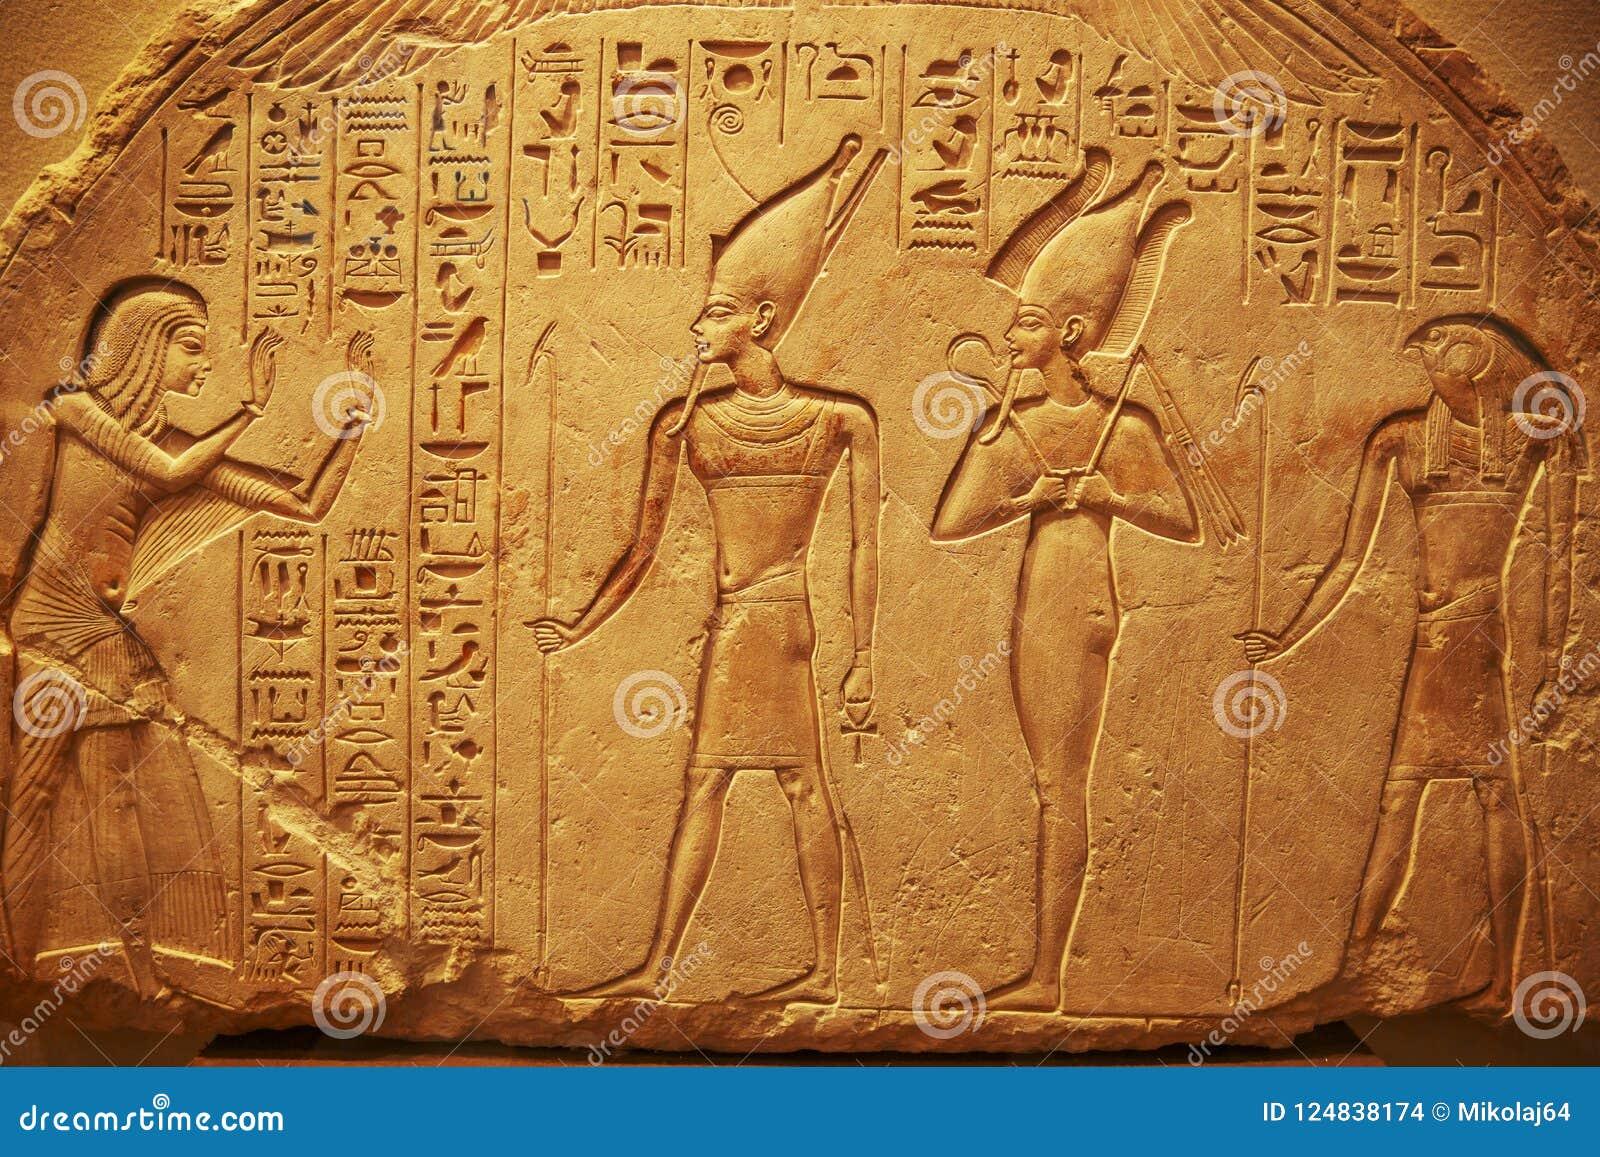 Arte de Egipto antiguo